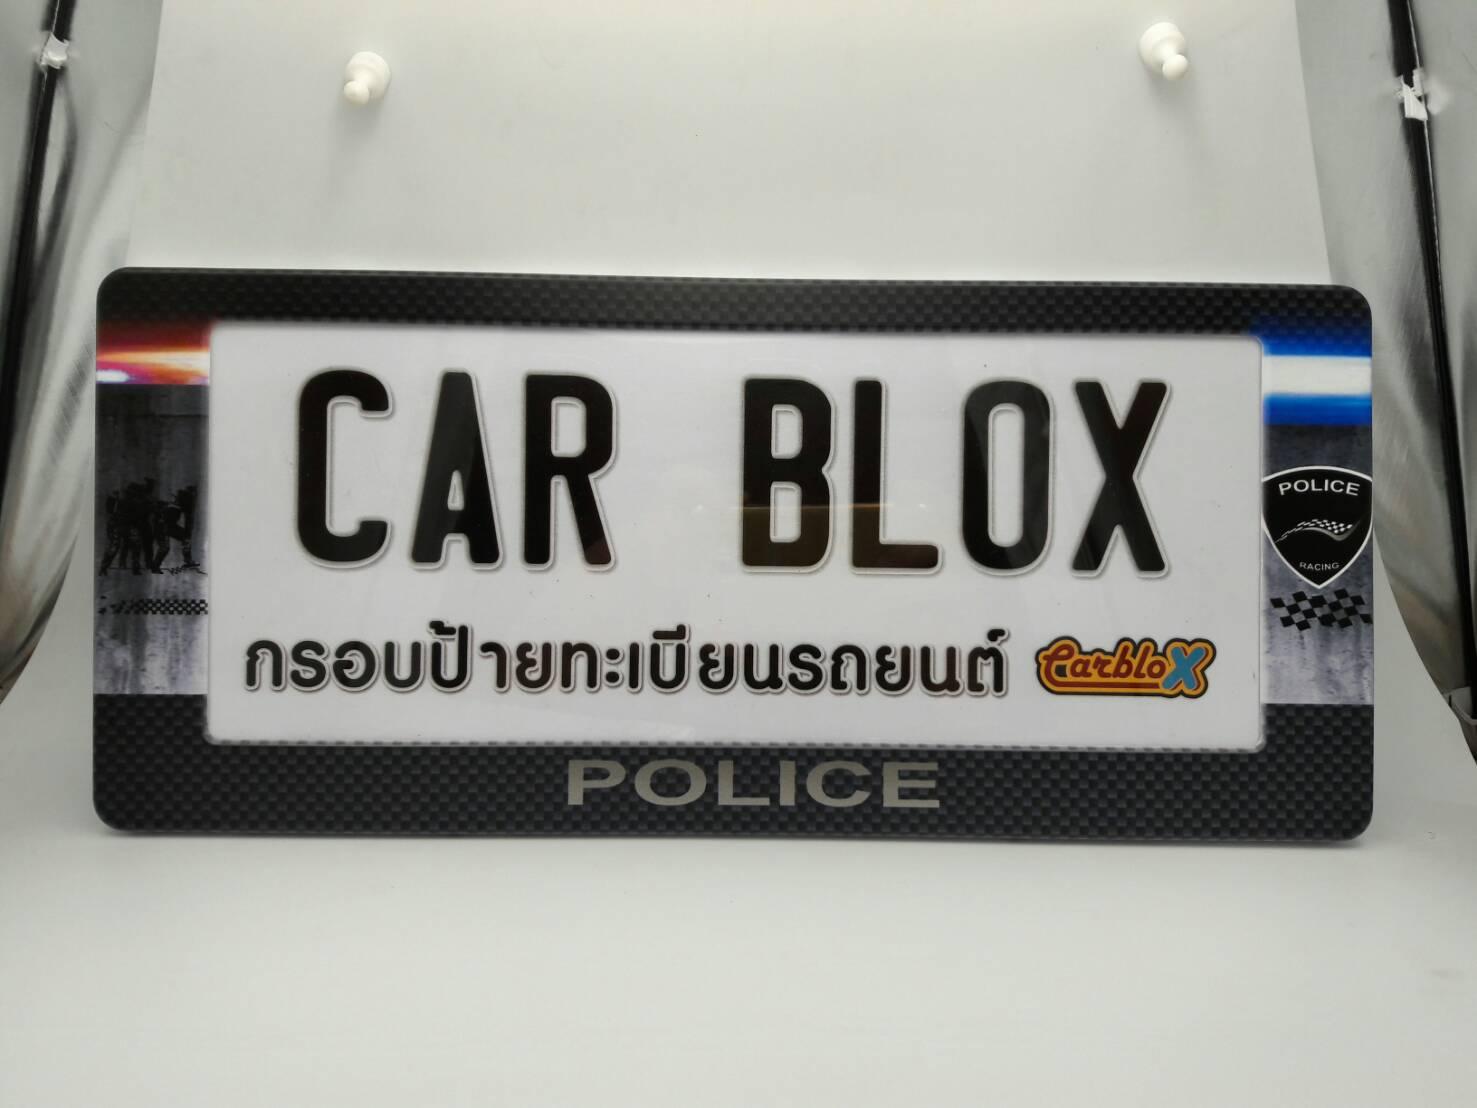 กรอบป้ายทะเบียนทะเบียนรถยนต์ (มีอะคริลิคใสปิดตรงกลาง) แบบสั้น 15.5 นิ้ว ลาย POLICE.